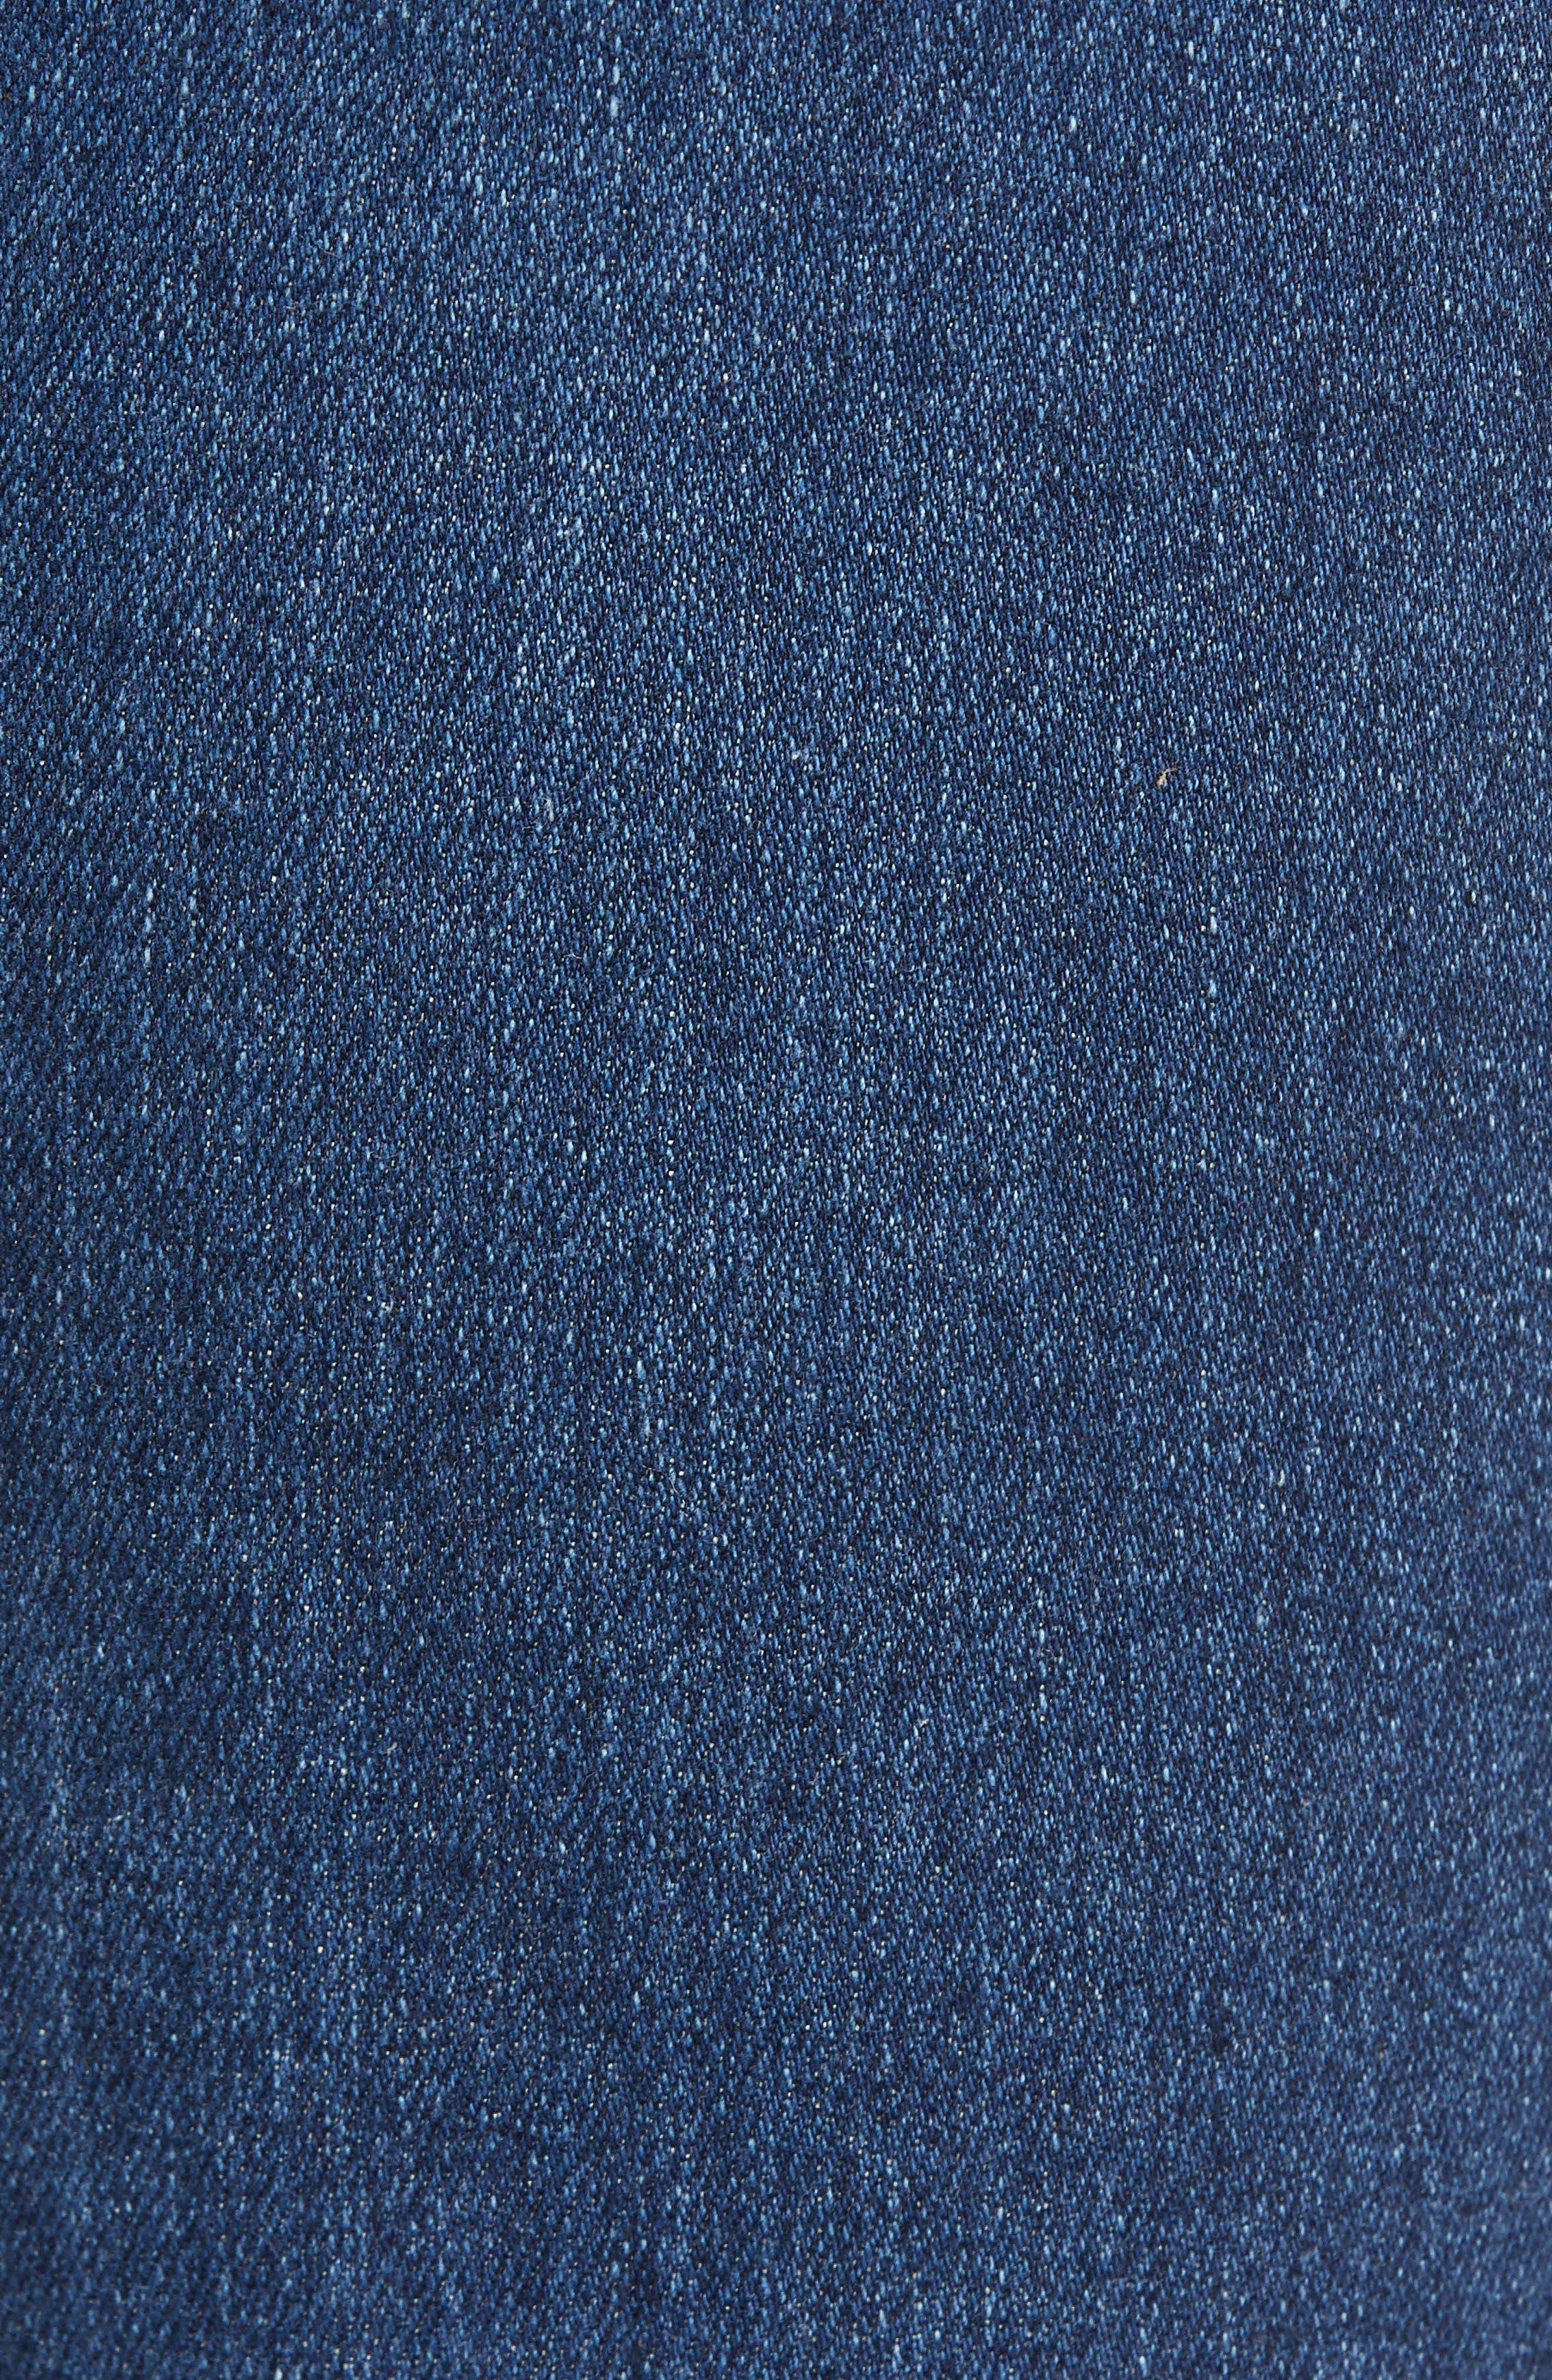 Prima Ankle Cigarette Jeans,                             Alternate thumbnail 6, color,                             8 YEARS BLUE PORTRAIT